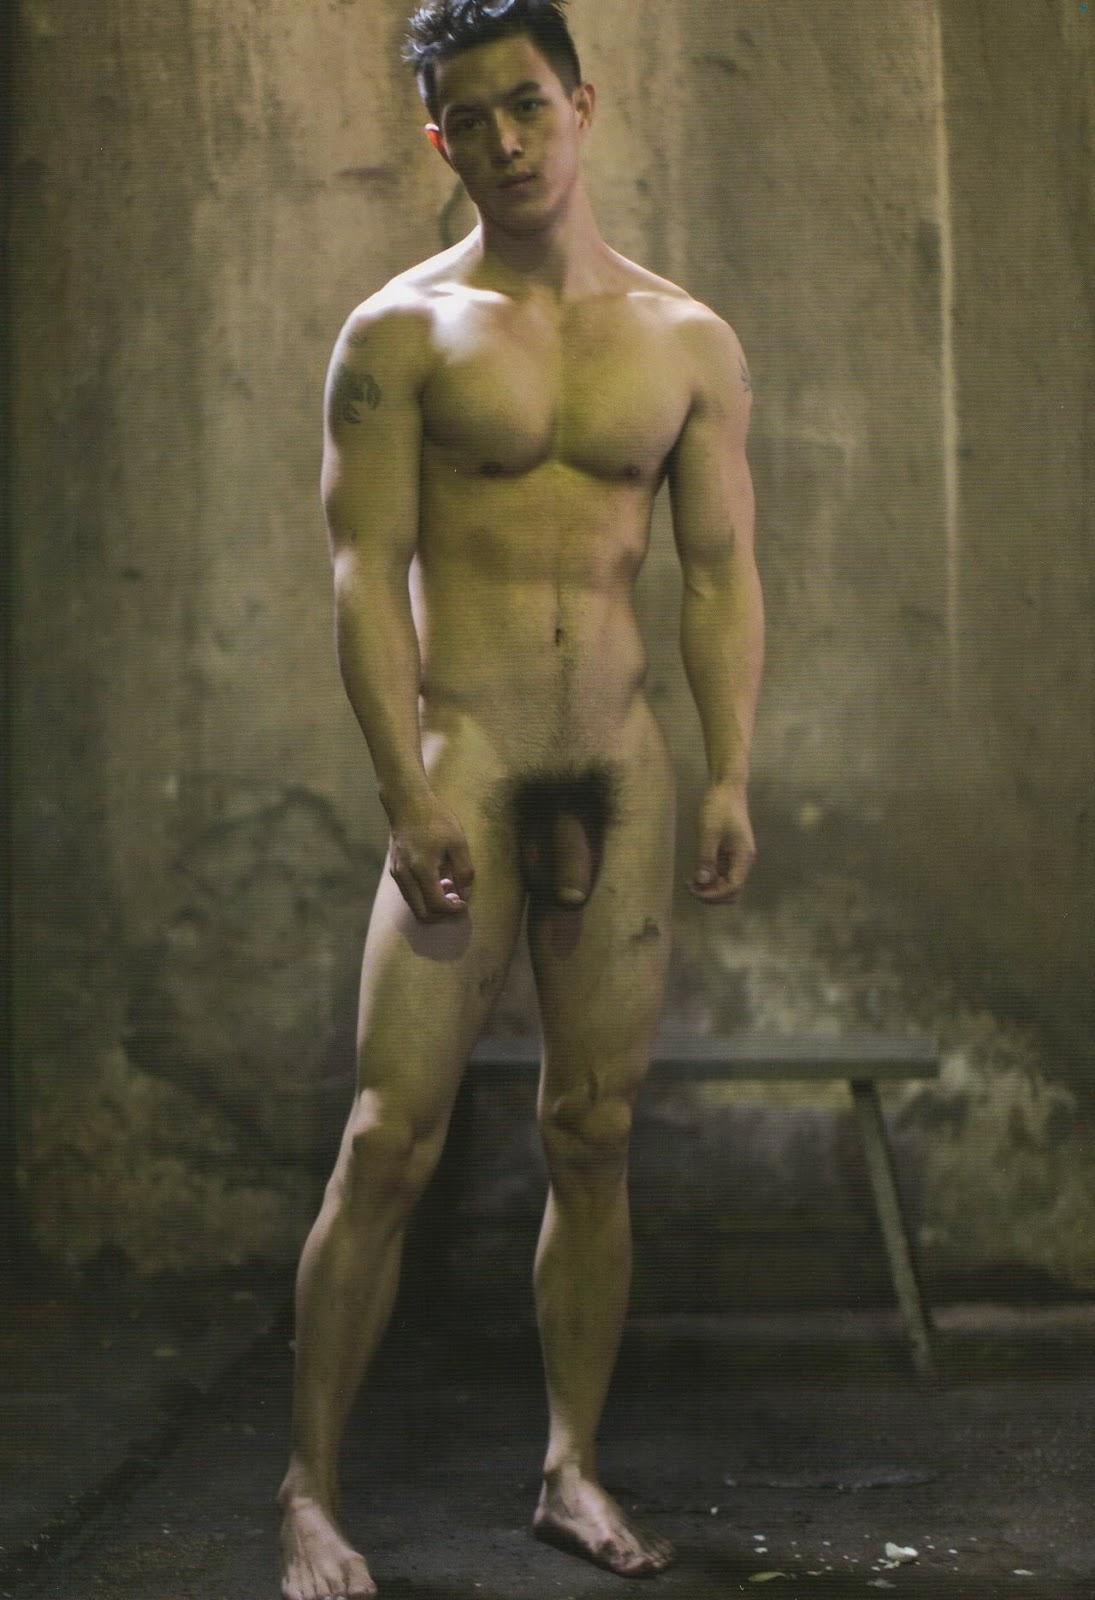 asian gay porn  asian man porn naked asian hunks hot chinese hunk